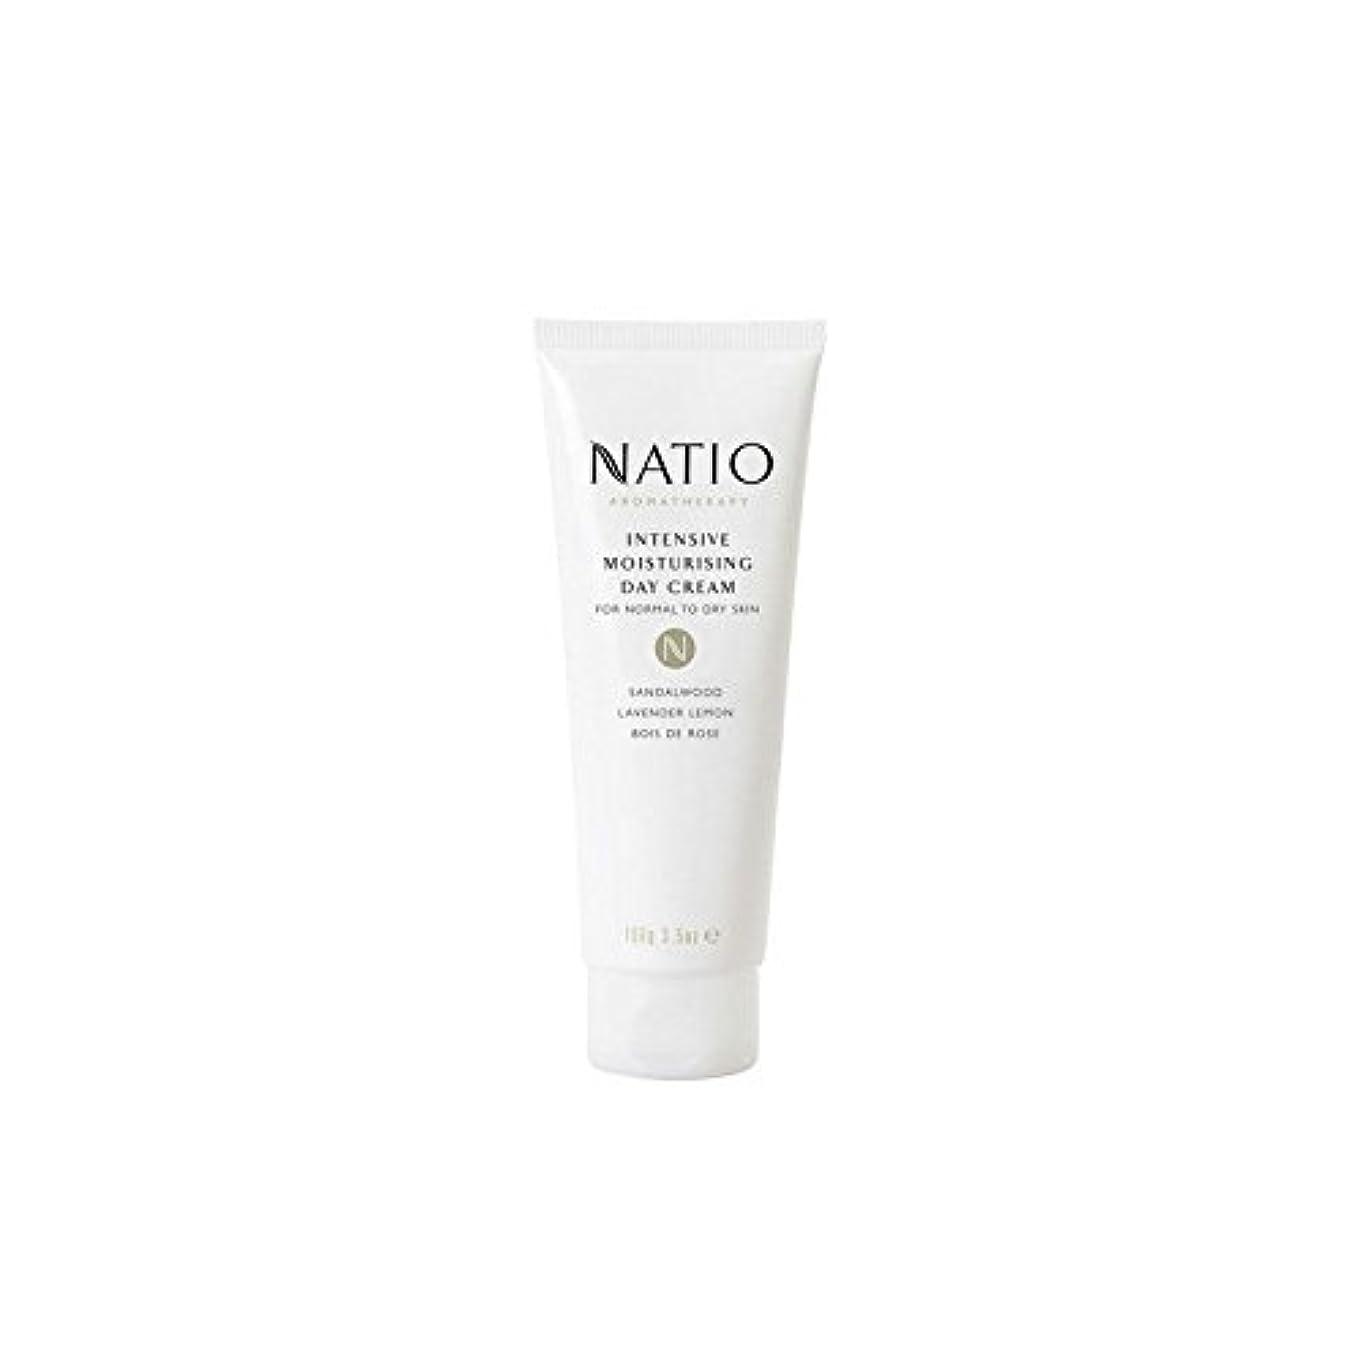 軌道封建を必要としています集中的な保湿デイクリーム(100グラム) x2 - Natio Intensive Moisturising Day Cream (100G) (Pack of 2) [並行輸入品]